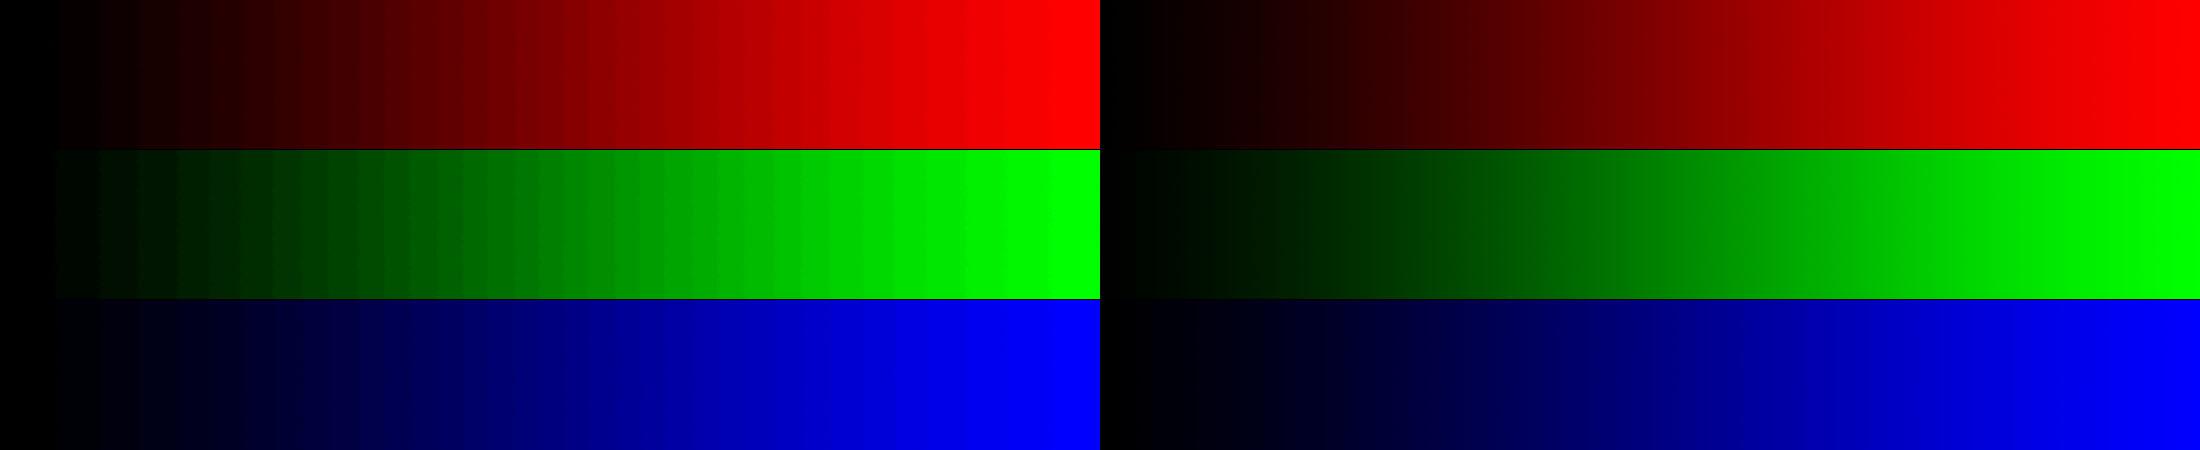 voorbeeldfoto van twee verschillende kleurverlopen